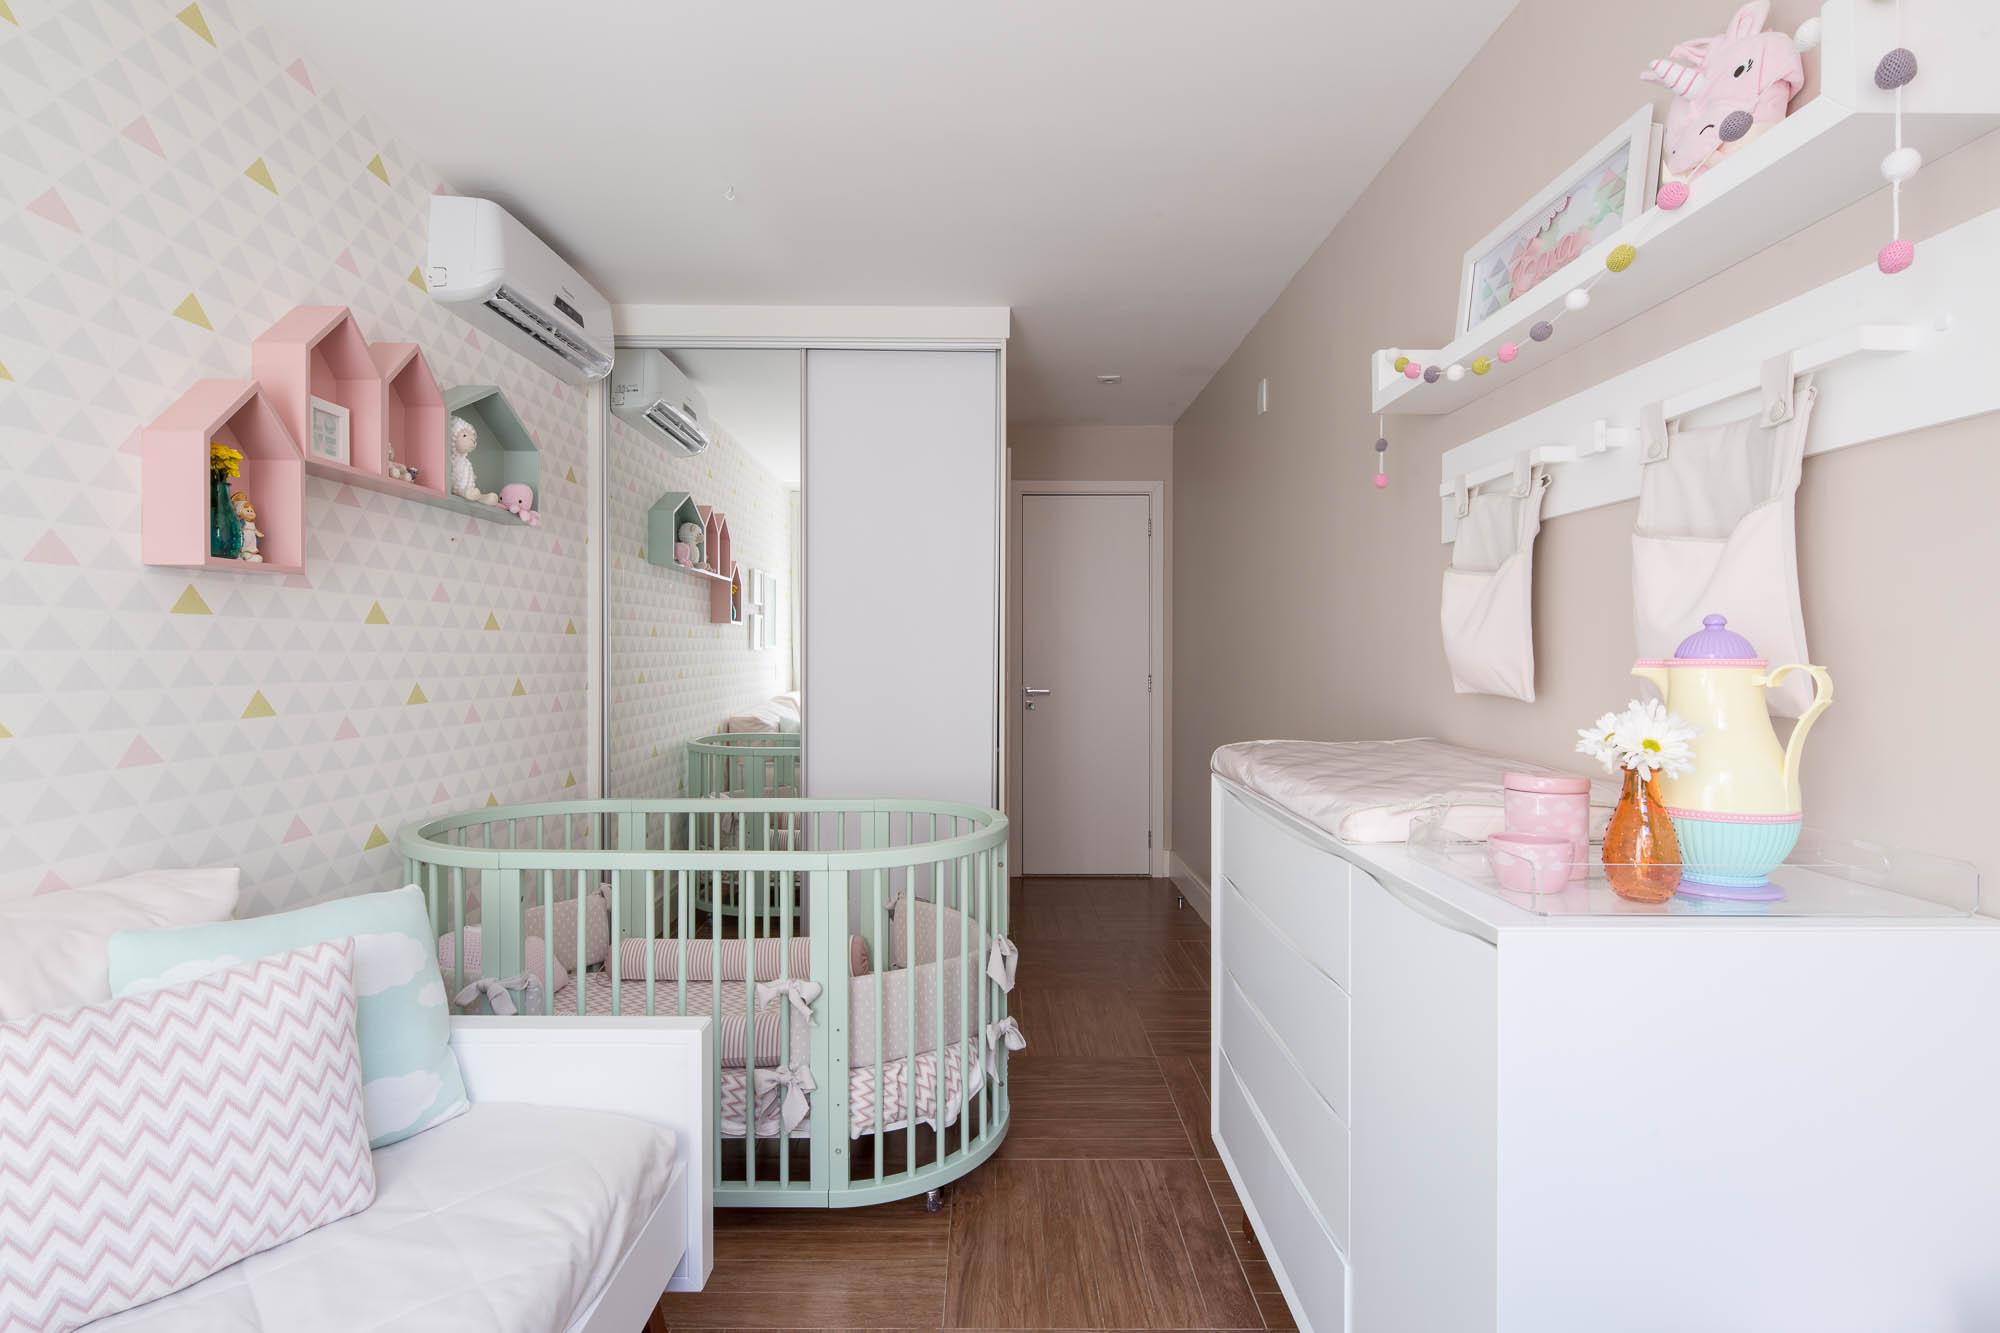 Quarto de beb moderno com papel de parede geom trico - Papel de pared moderno ...